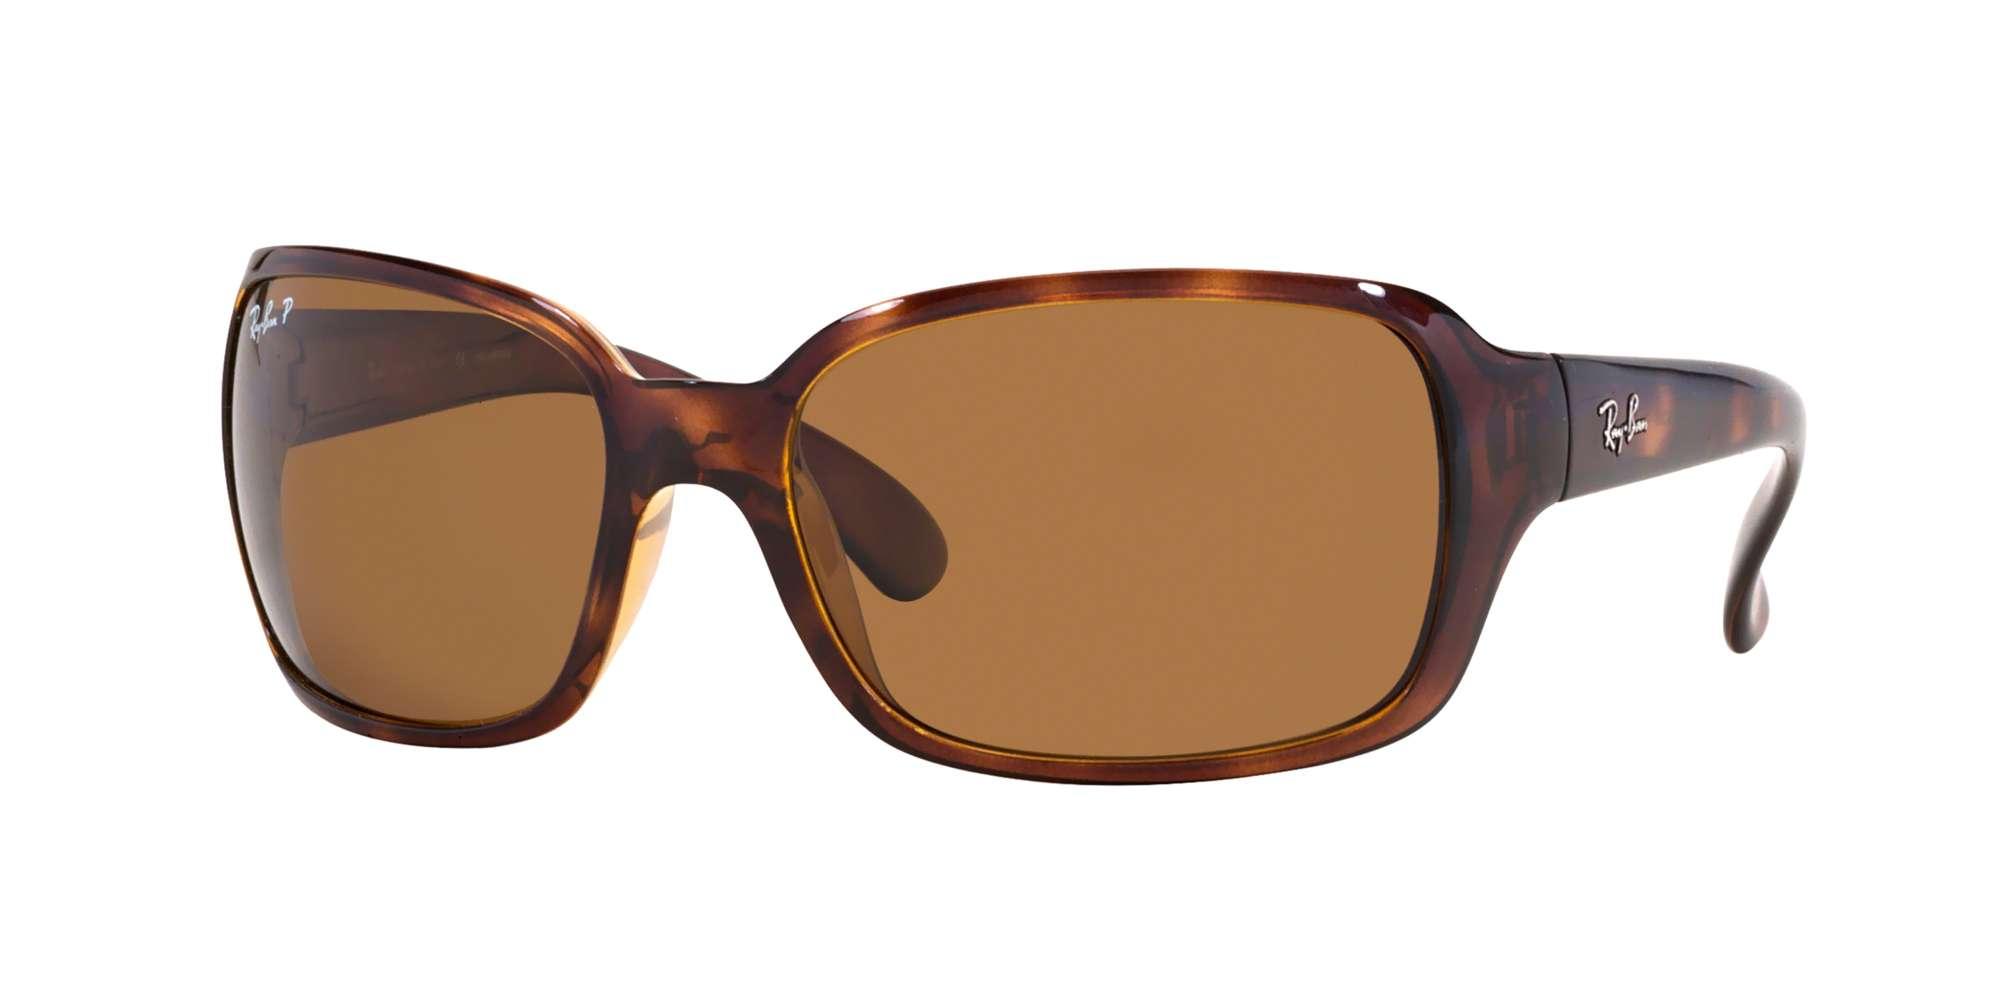 HAVANA / CRYSTAL BROWN POLARIZED lenses